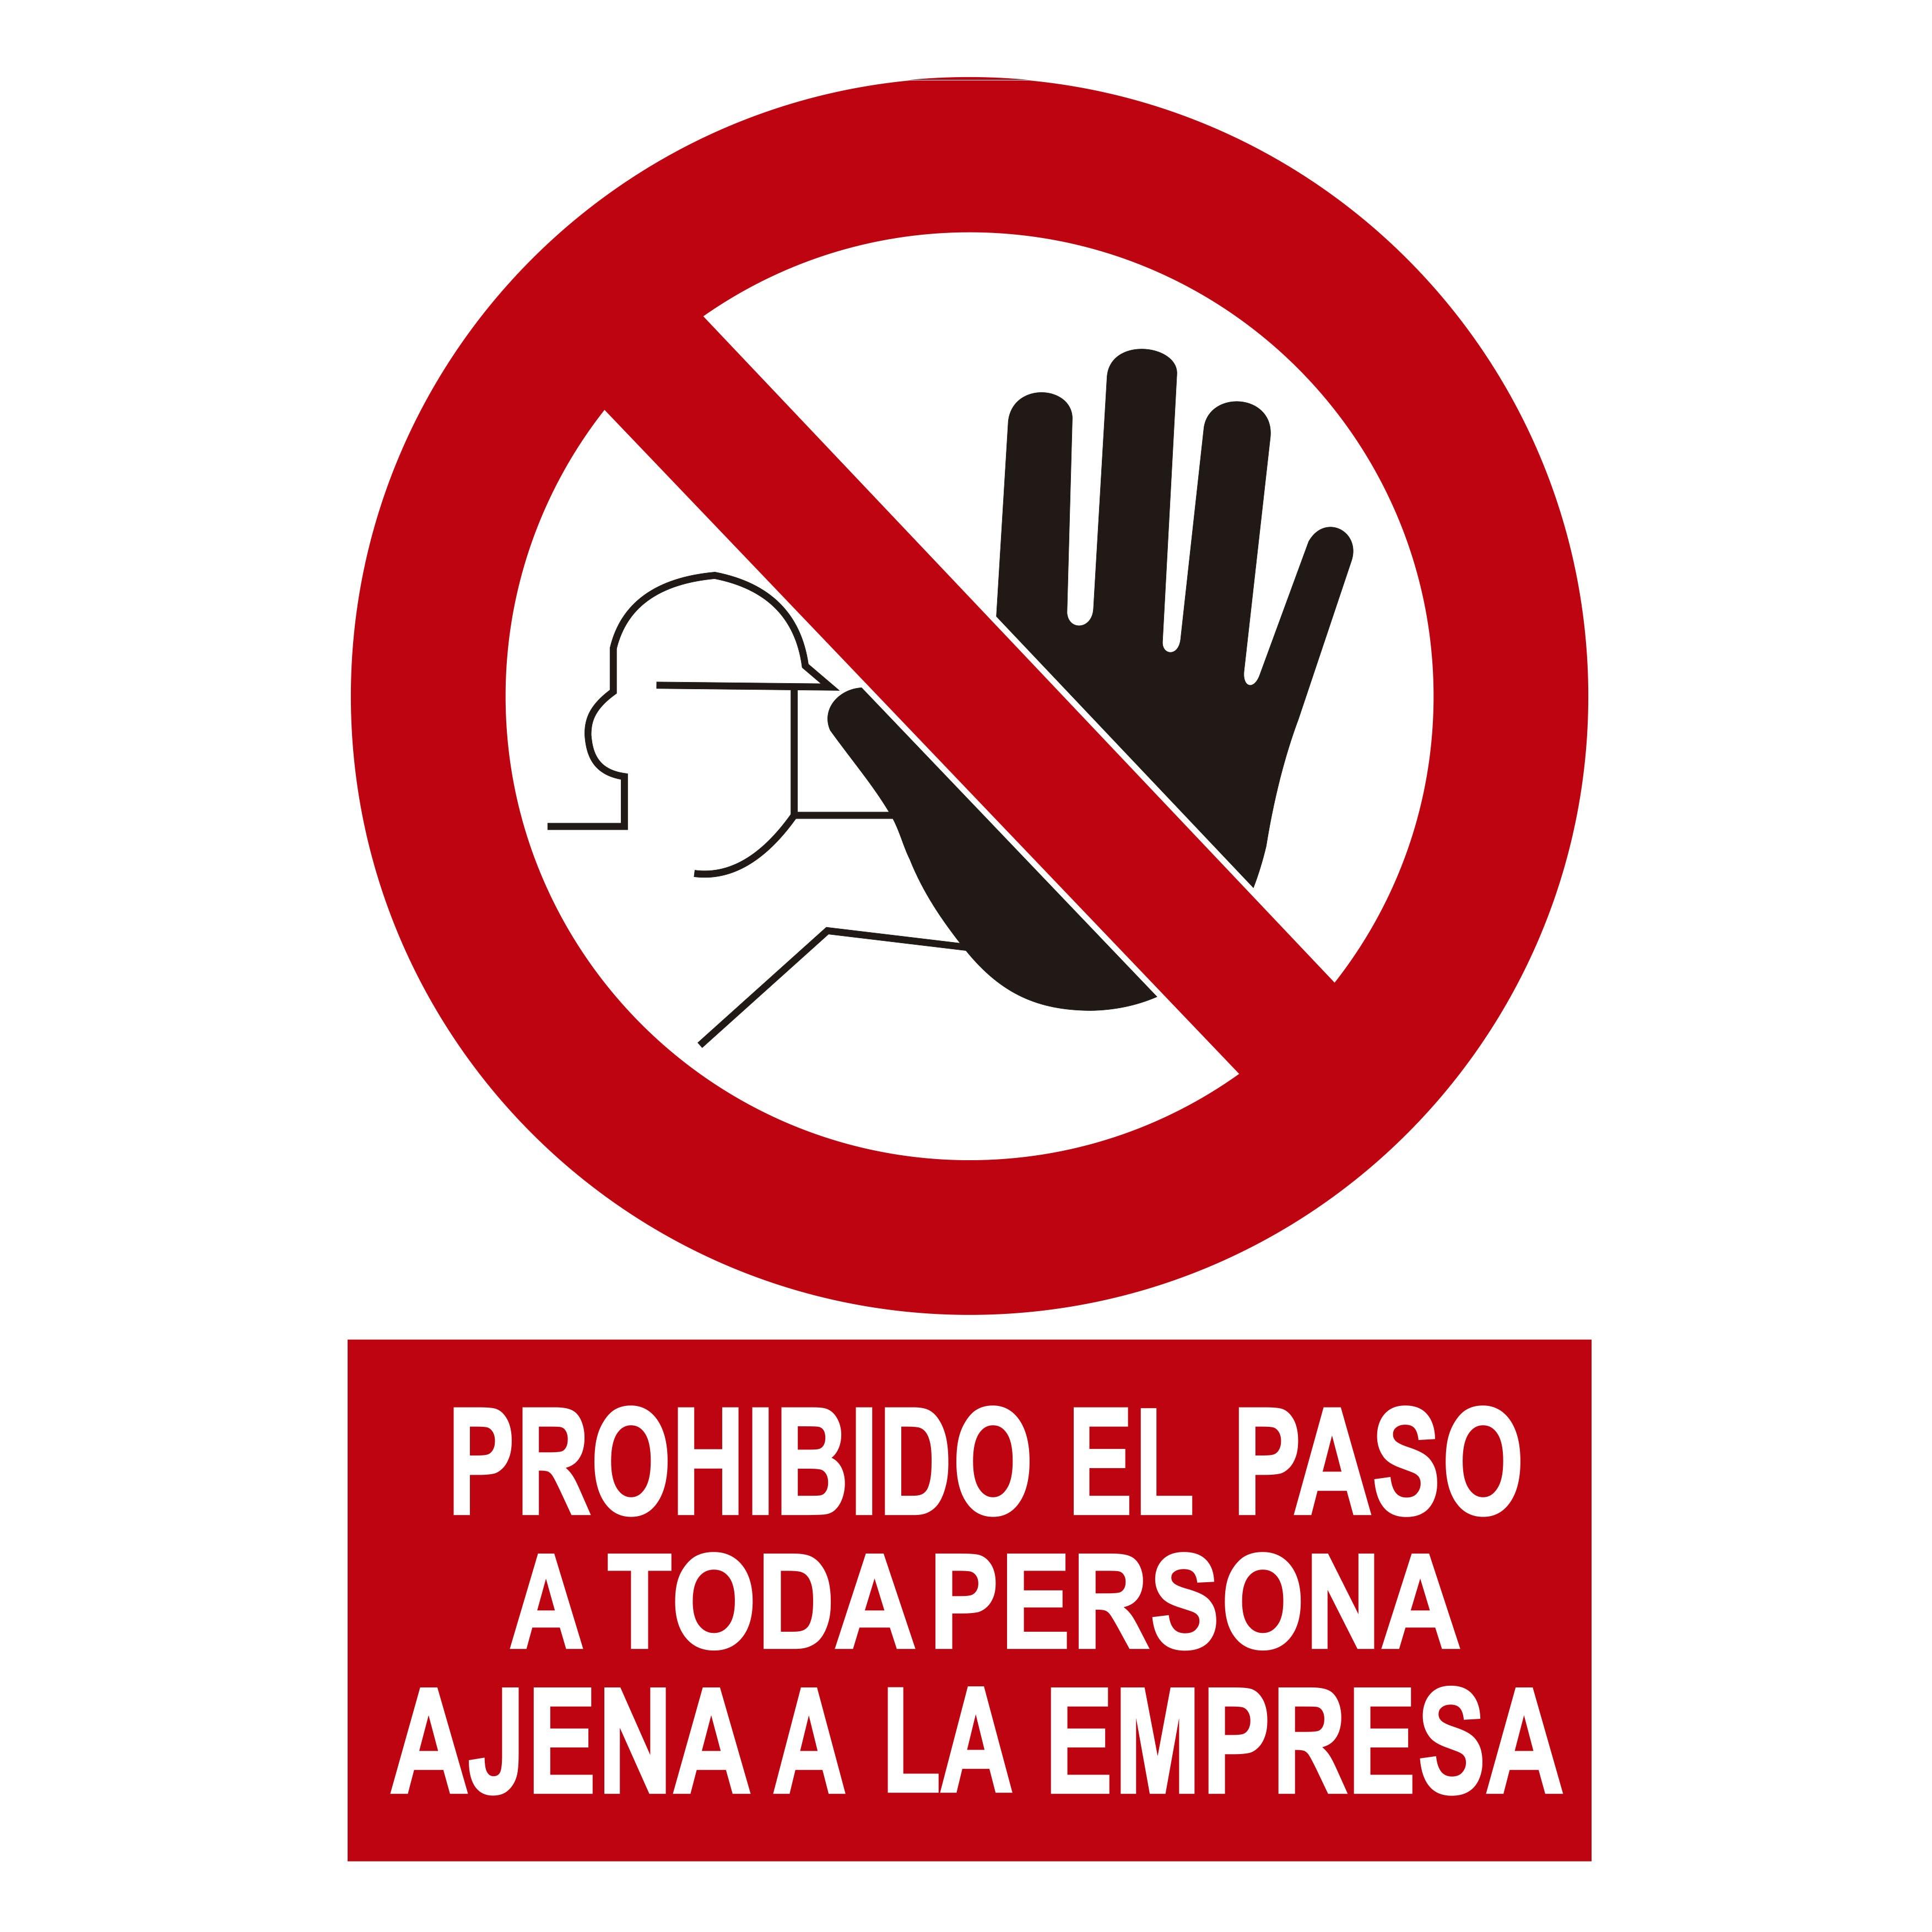 Señal PROHIBIDO EL PASO A TODA PERSONA AJENA A ESTA EMPRESA